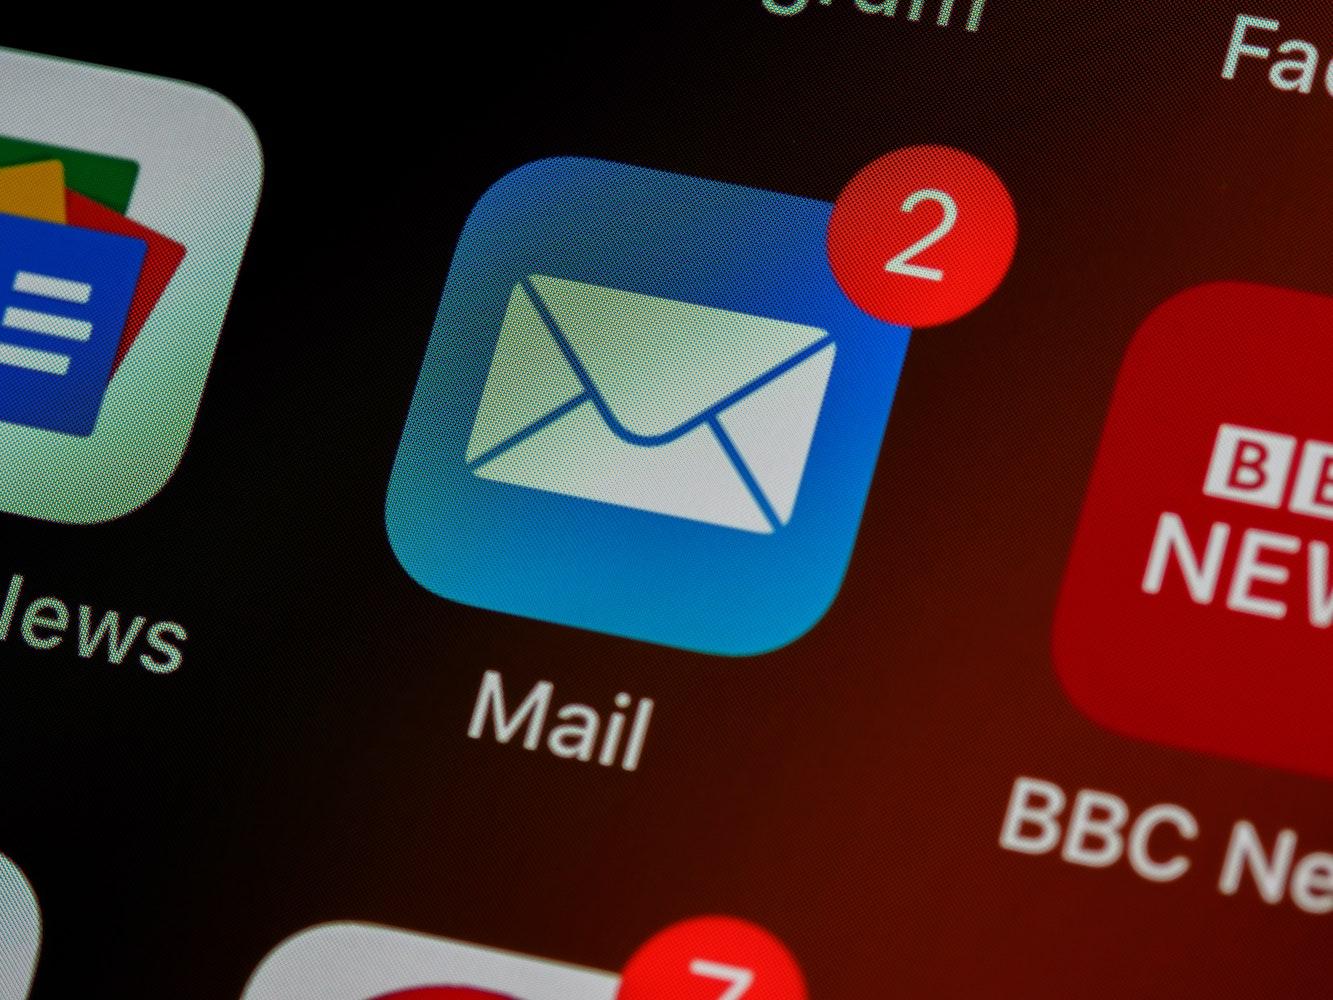 e-Ticarette Müşteri Kazanımı Artırmanızı Sağlayacak Kanal: e-Posta